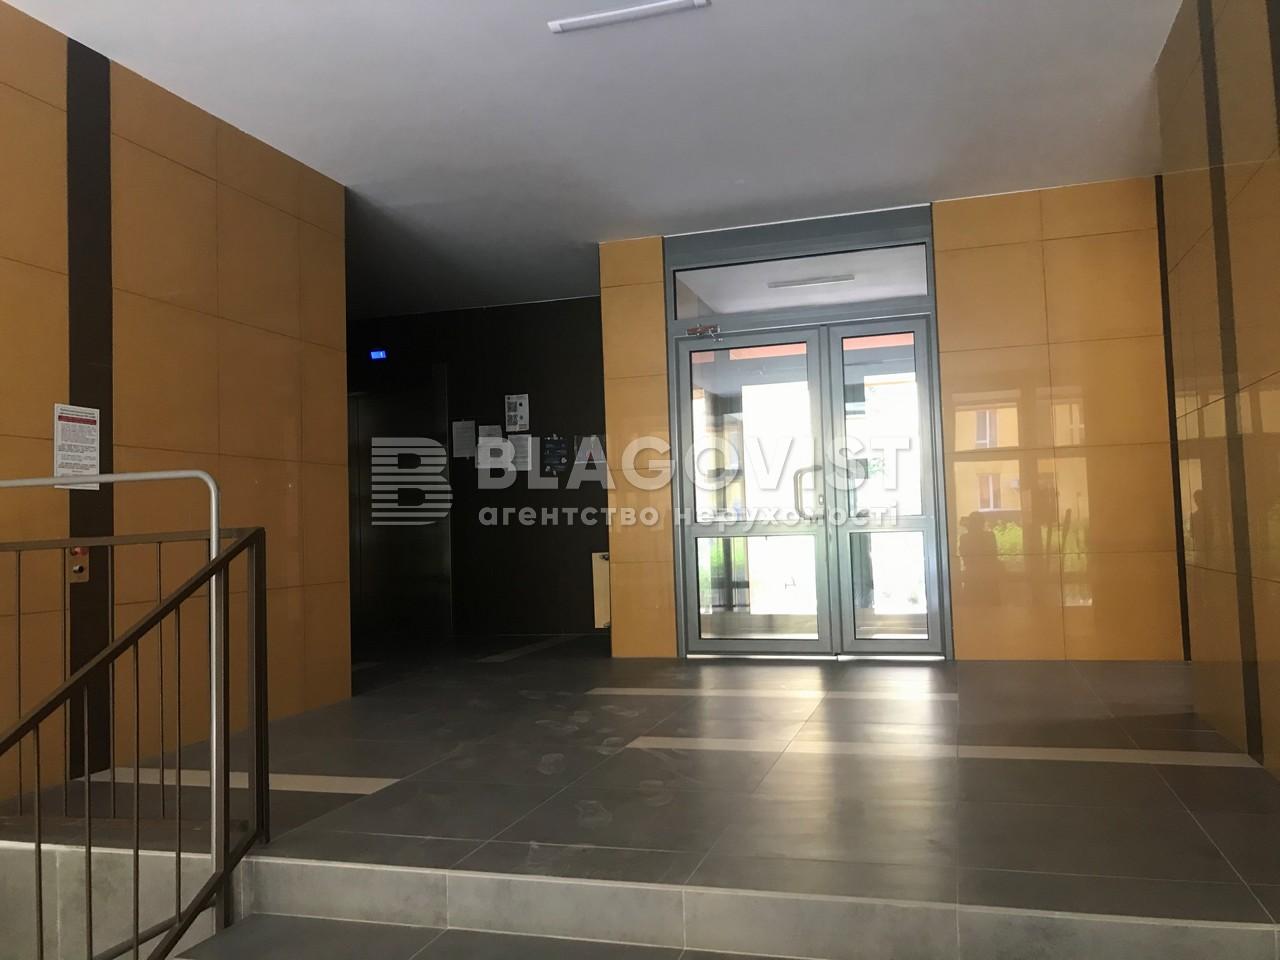 Квартира A-111745, Соборності просп. (Возз'єднання), 17 корпус 2, Київ - Фото 4